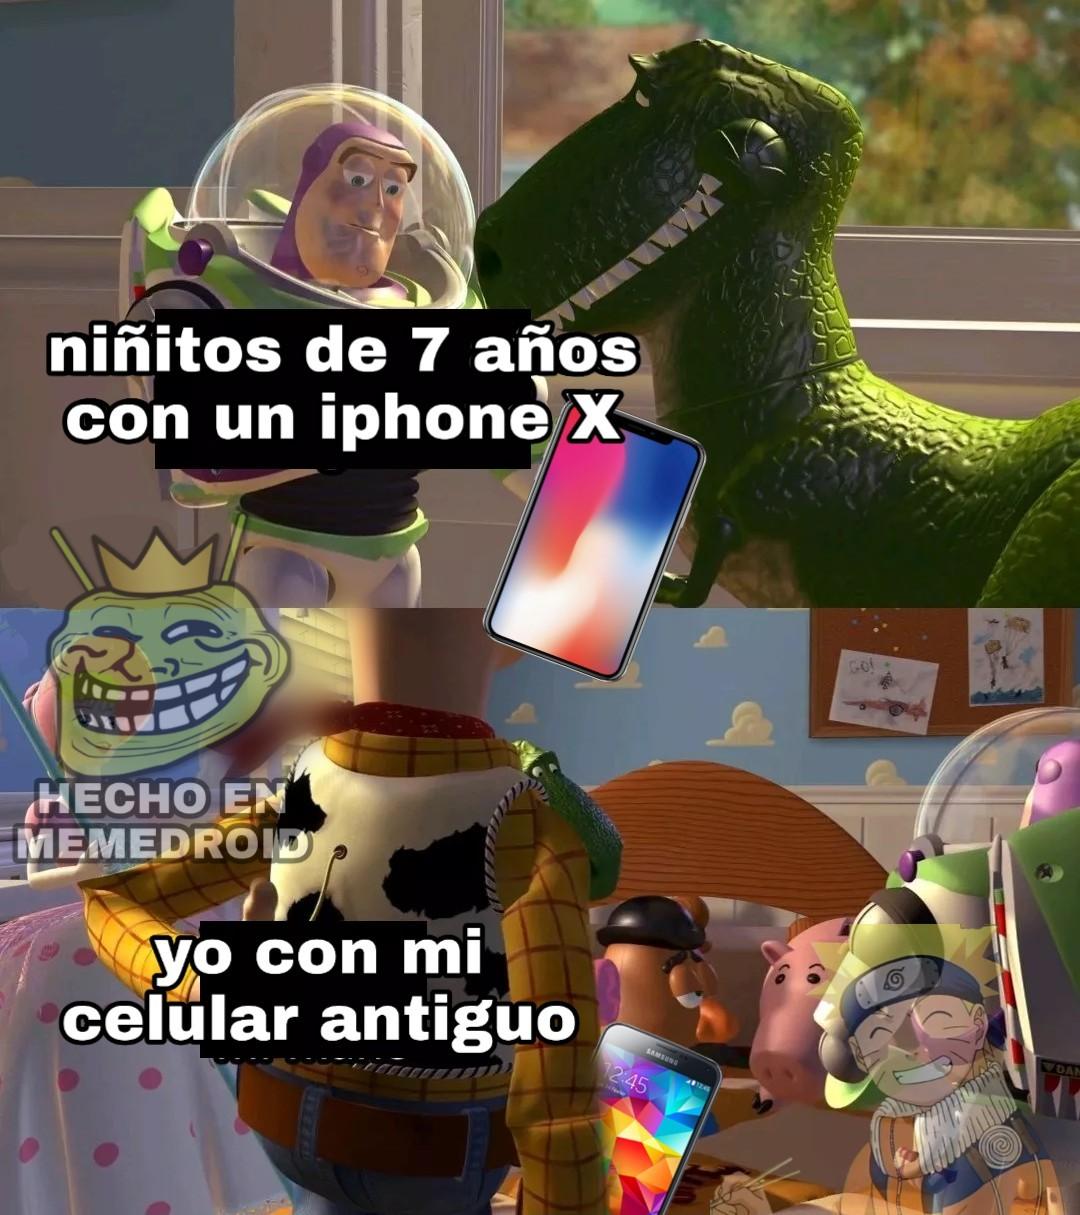 uffff yo tengo un primo que siempre presume su iphone y su mac - meme